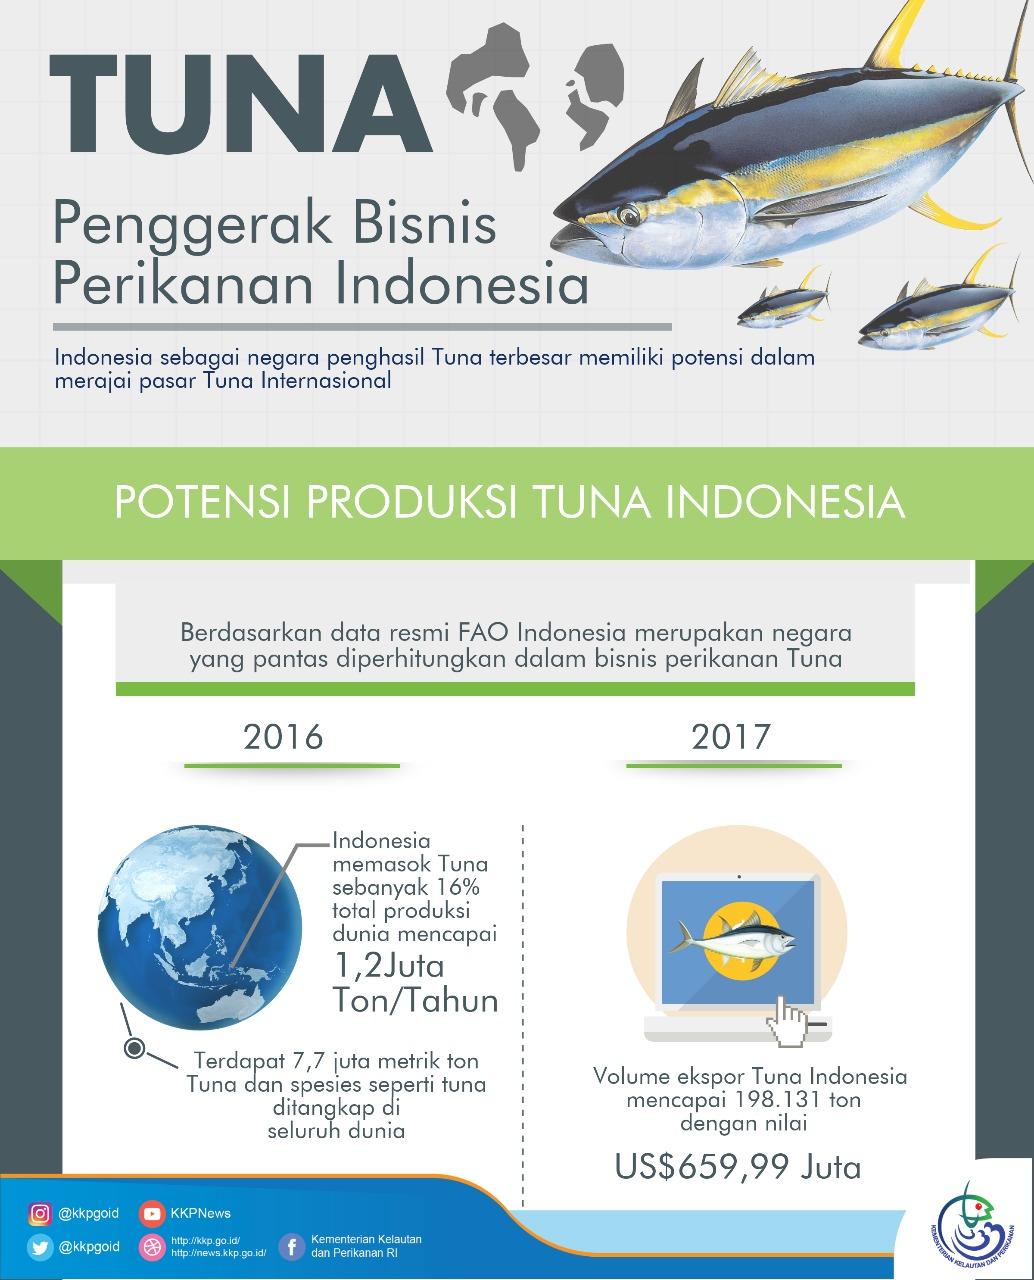 Pesona Tuna Sebagai Penggerak Bisnis Perikanan Indonesia